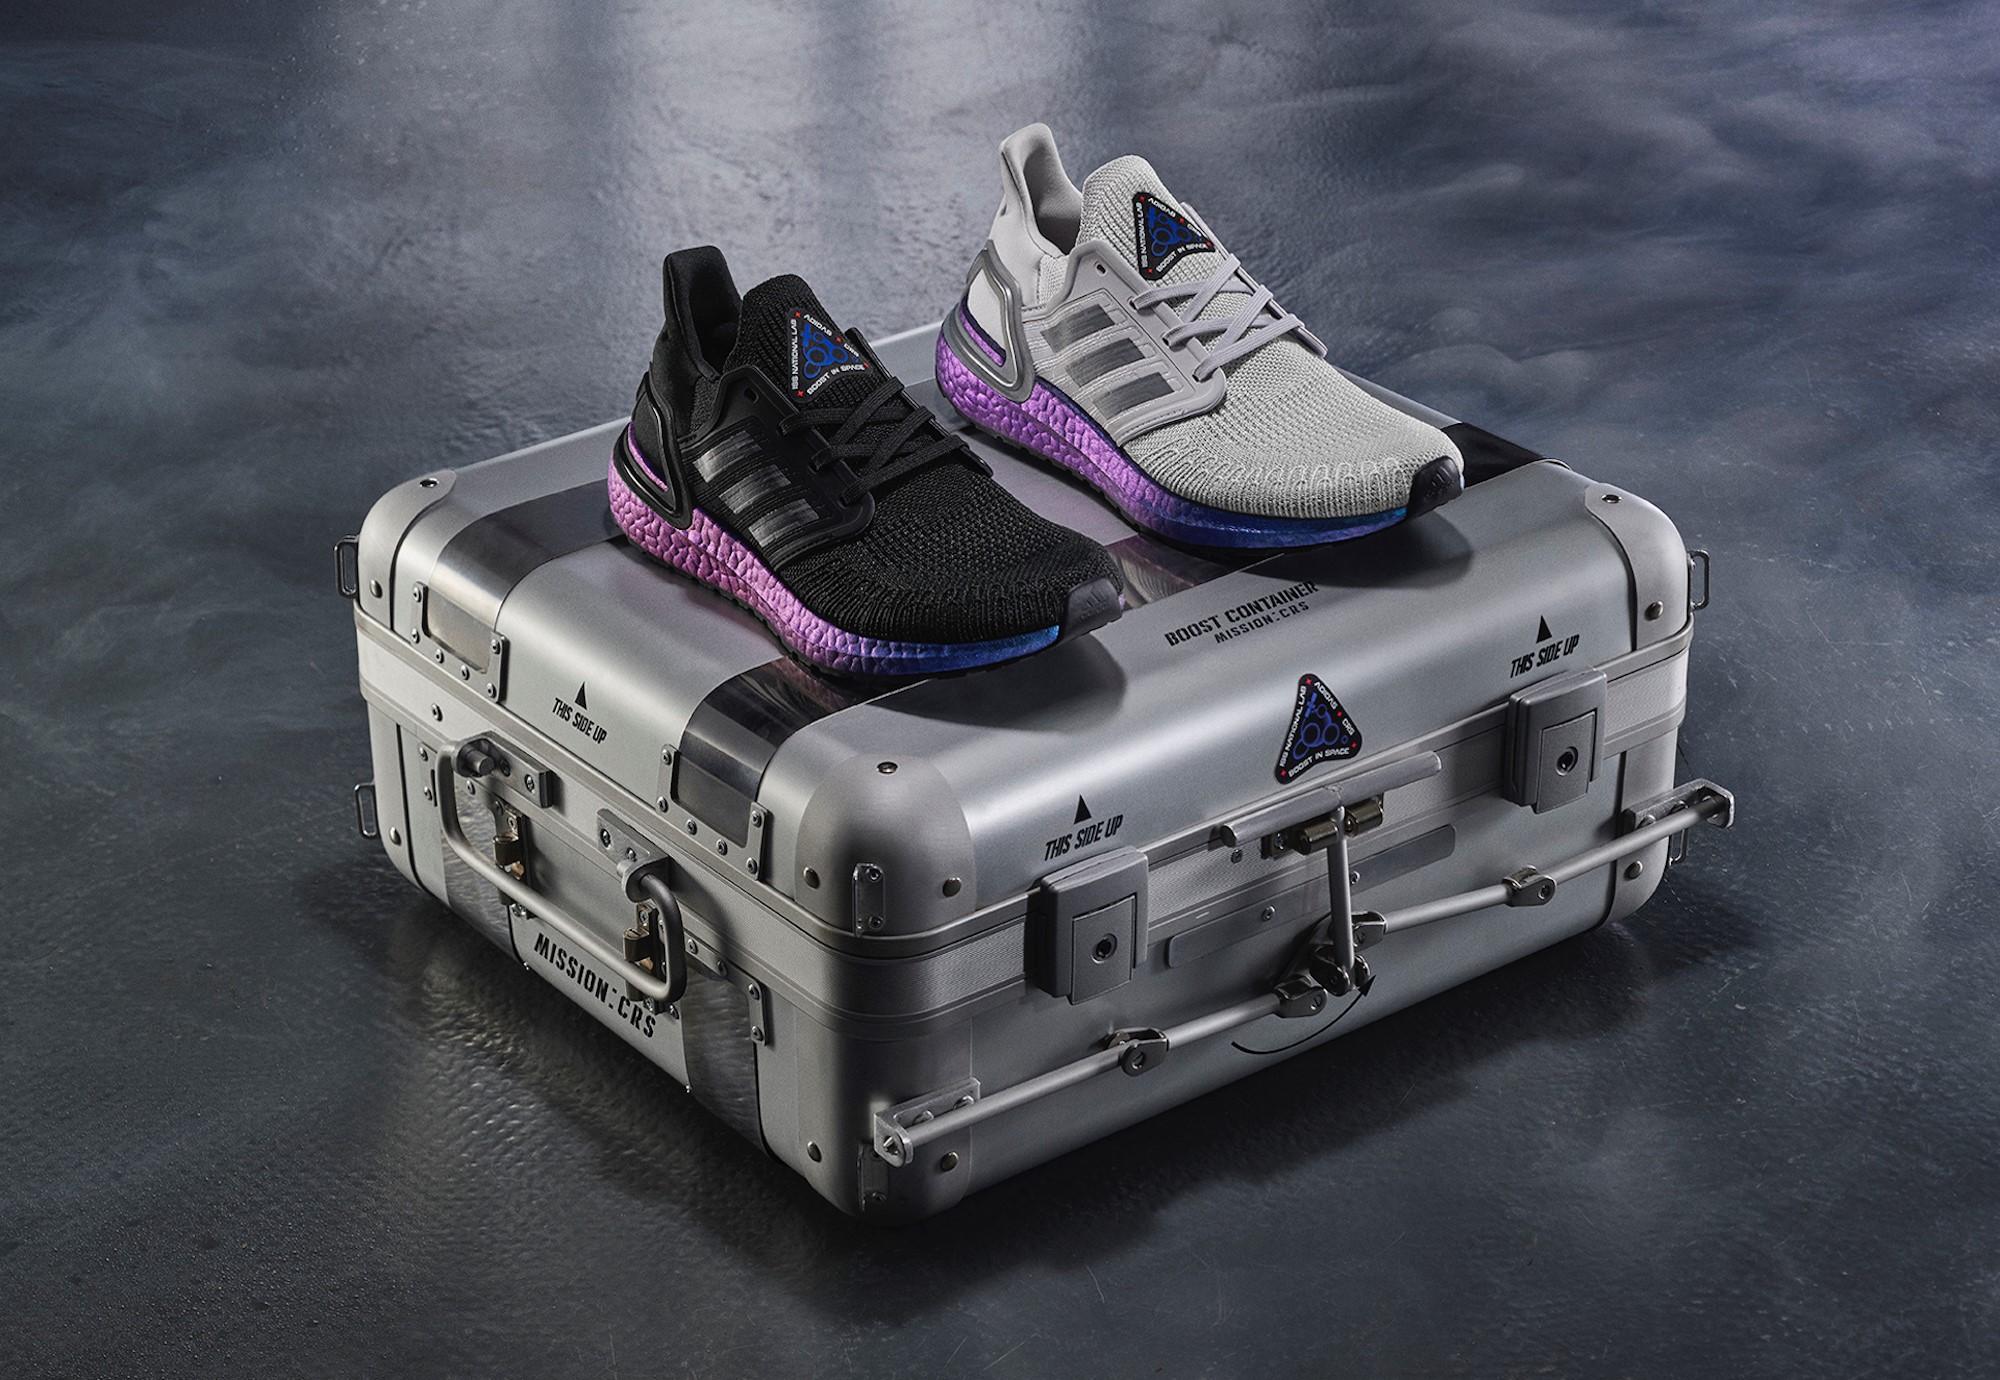 adidas se convertirá en la primera marca en utlizar calzado deportivo inspirado en el espacio